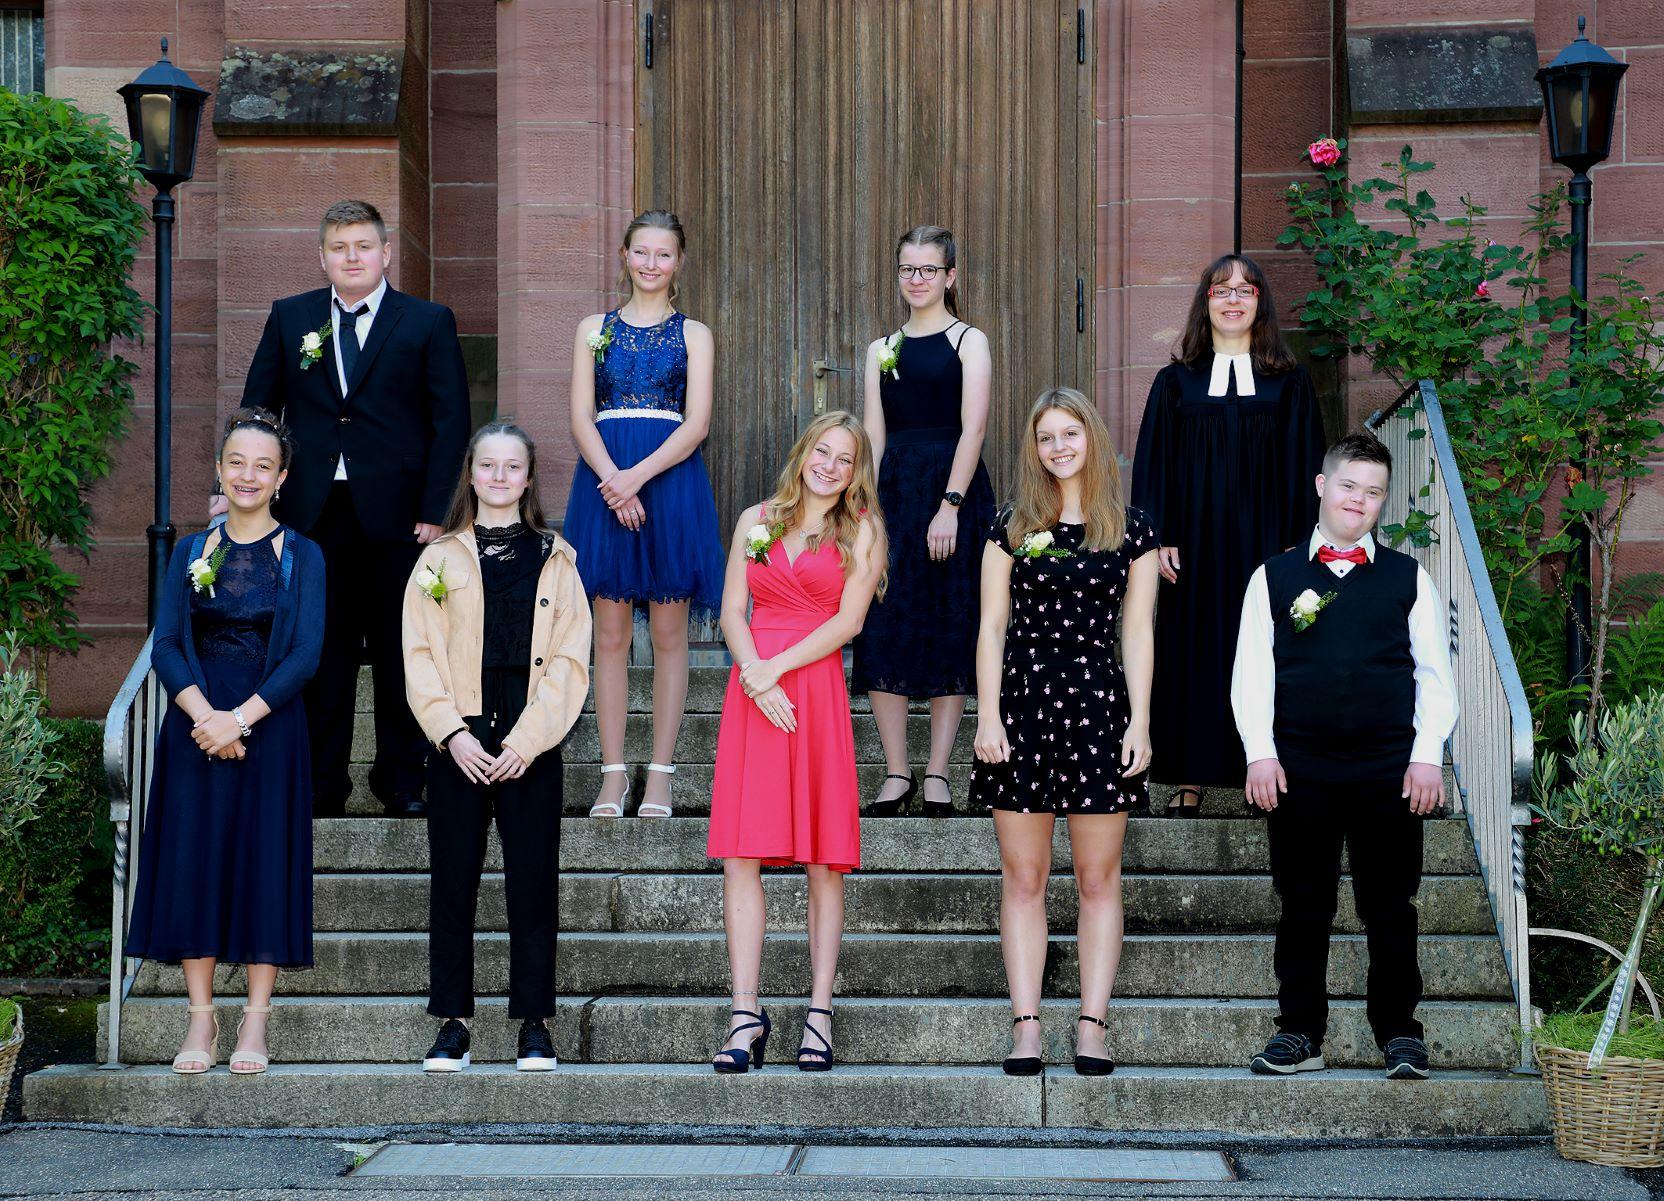 Am Sonntag erhielten acht Schrambergerinnen und Schramberger Gottes Segen bei ihrer Konfirmation. Foto: Pressemitteilung/ Photo-Löffler